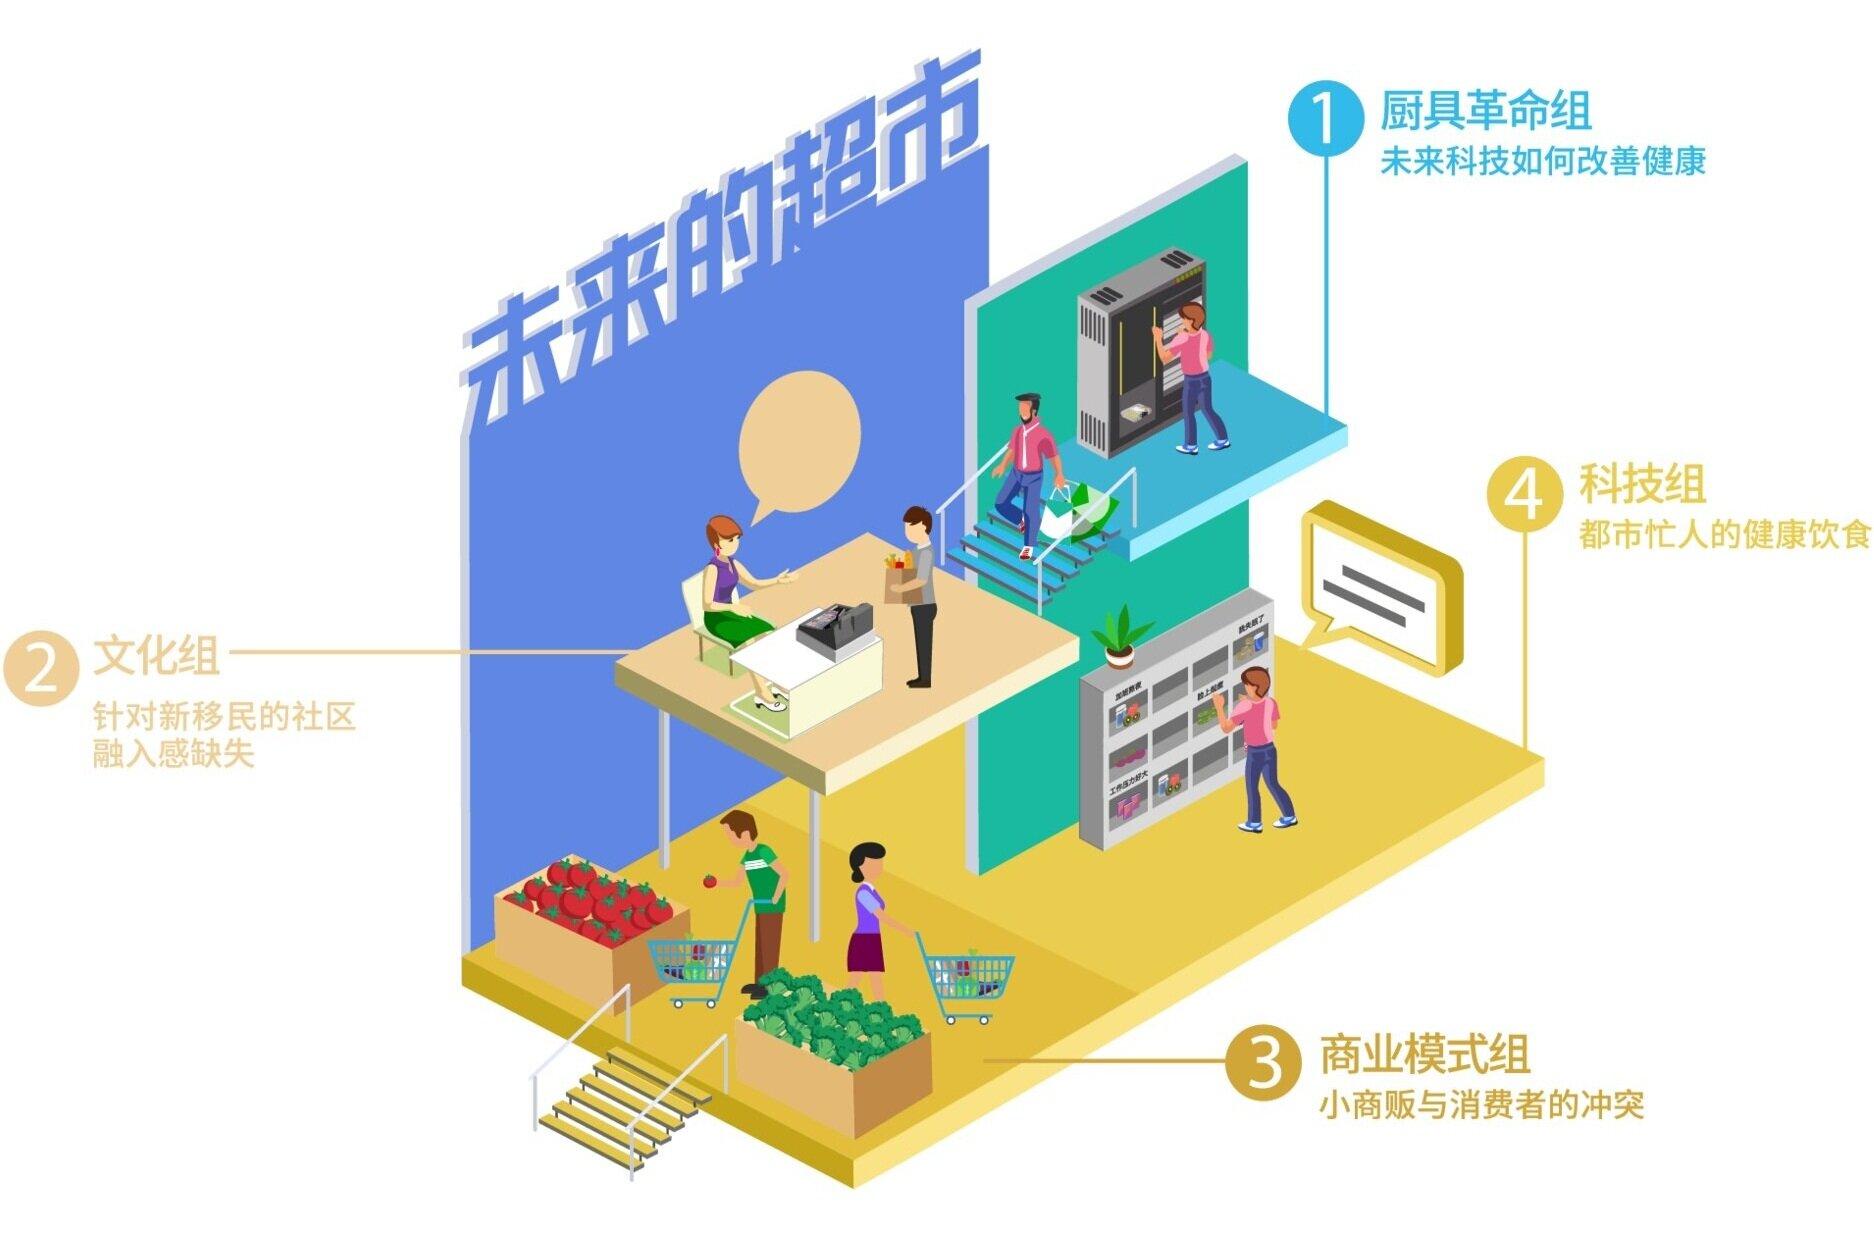 """食品超市的新机会点   如何通过食品形成社区空间,拉近居民之间的距离,形成""""食品-空间-社区-人""""的良性服务系统?  #城市社区"""